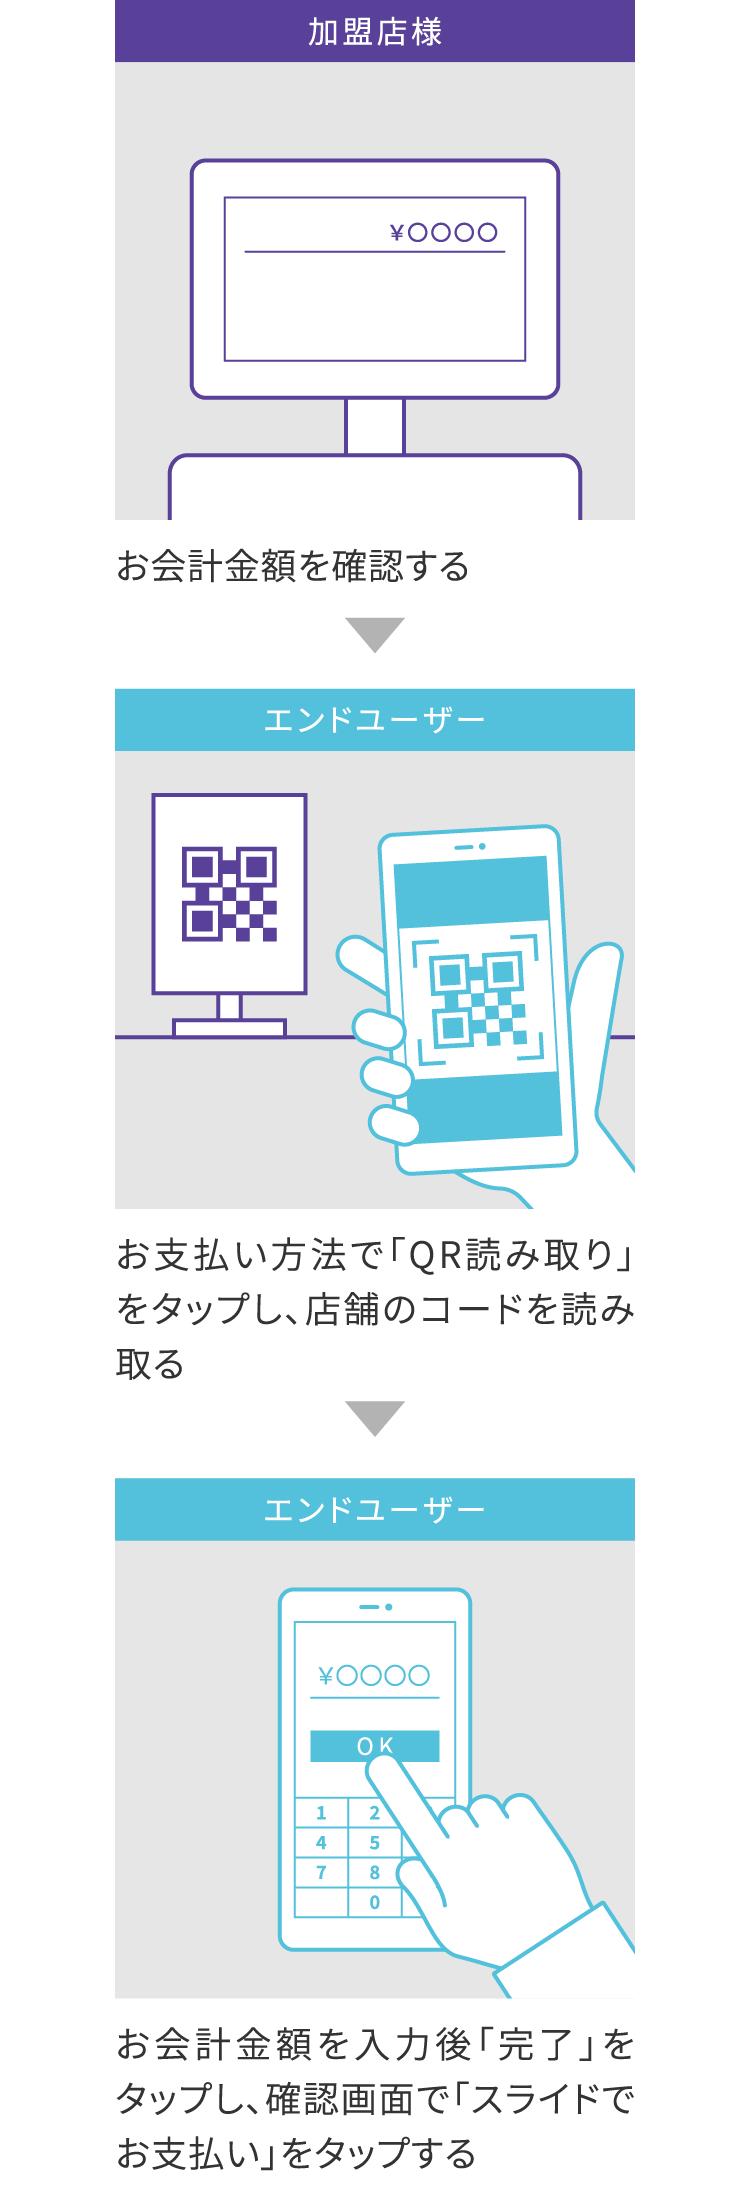 エンドユーザーがコードを読み込む場合(QR払い)